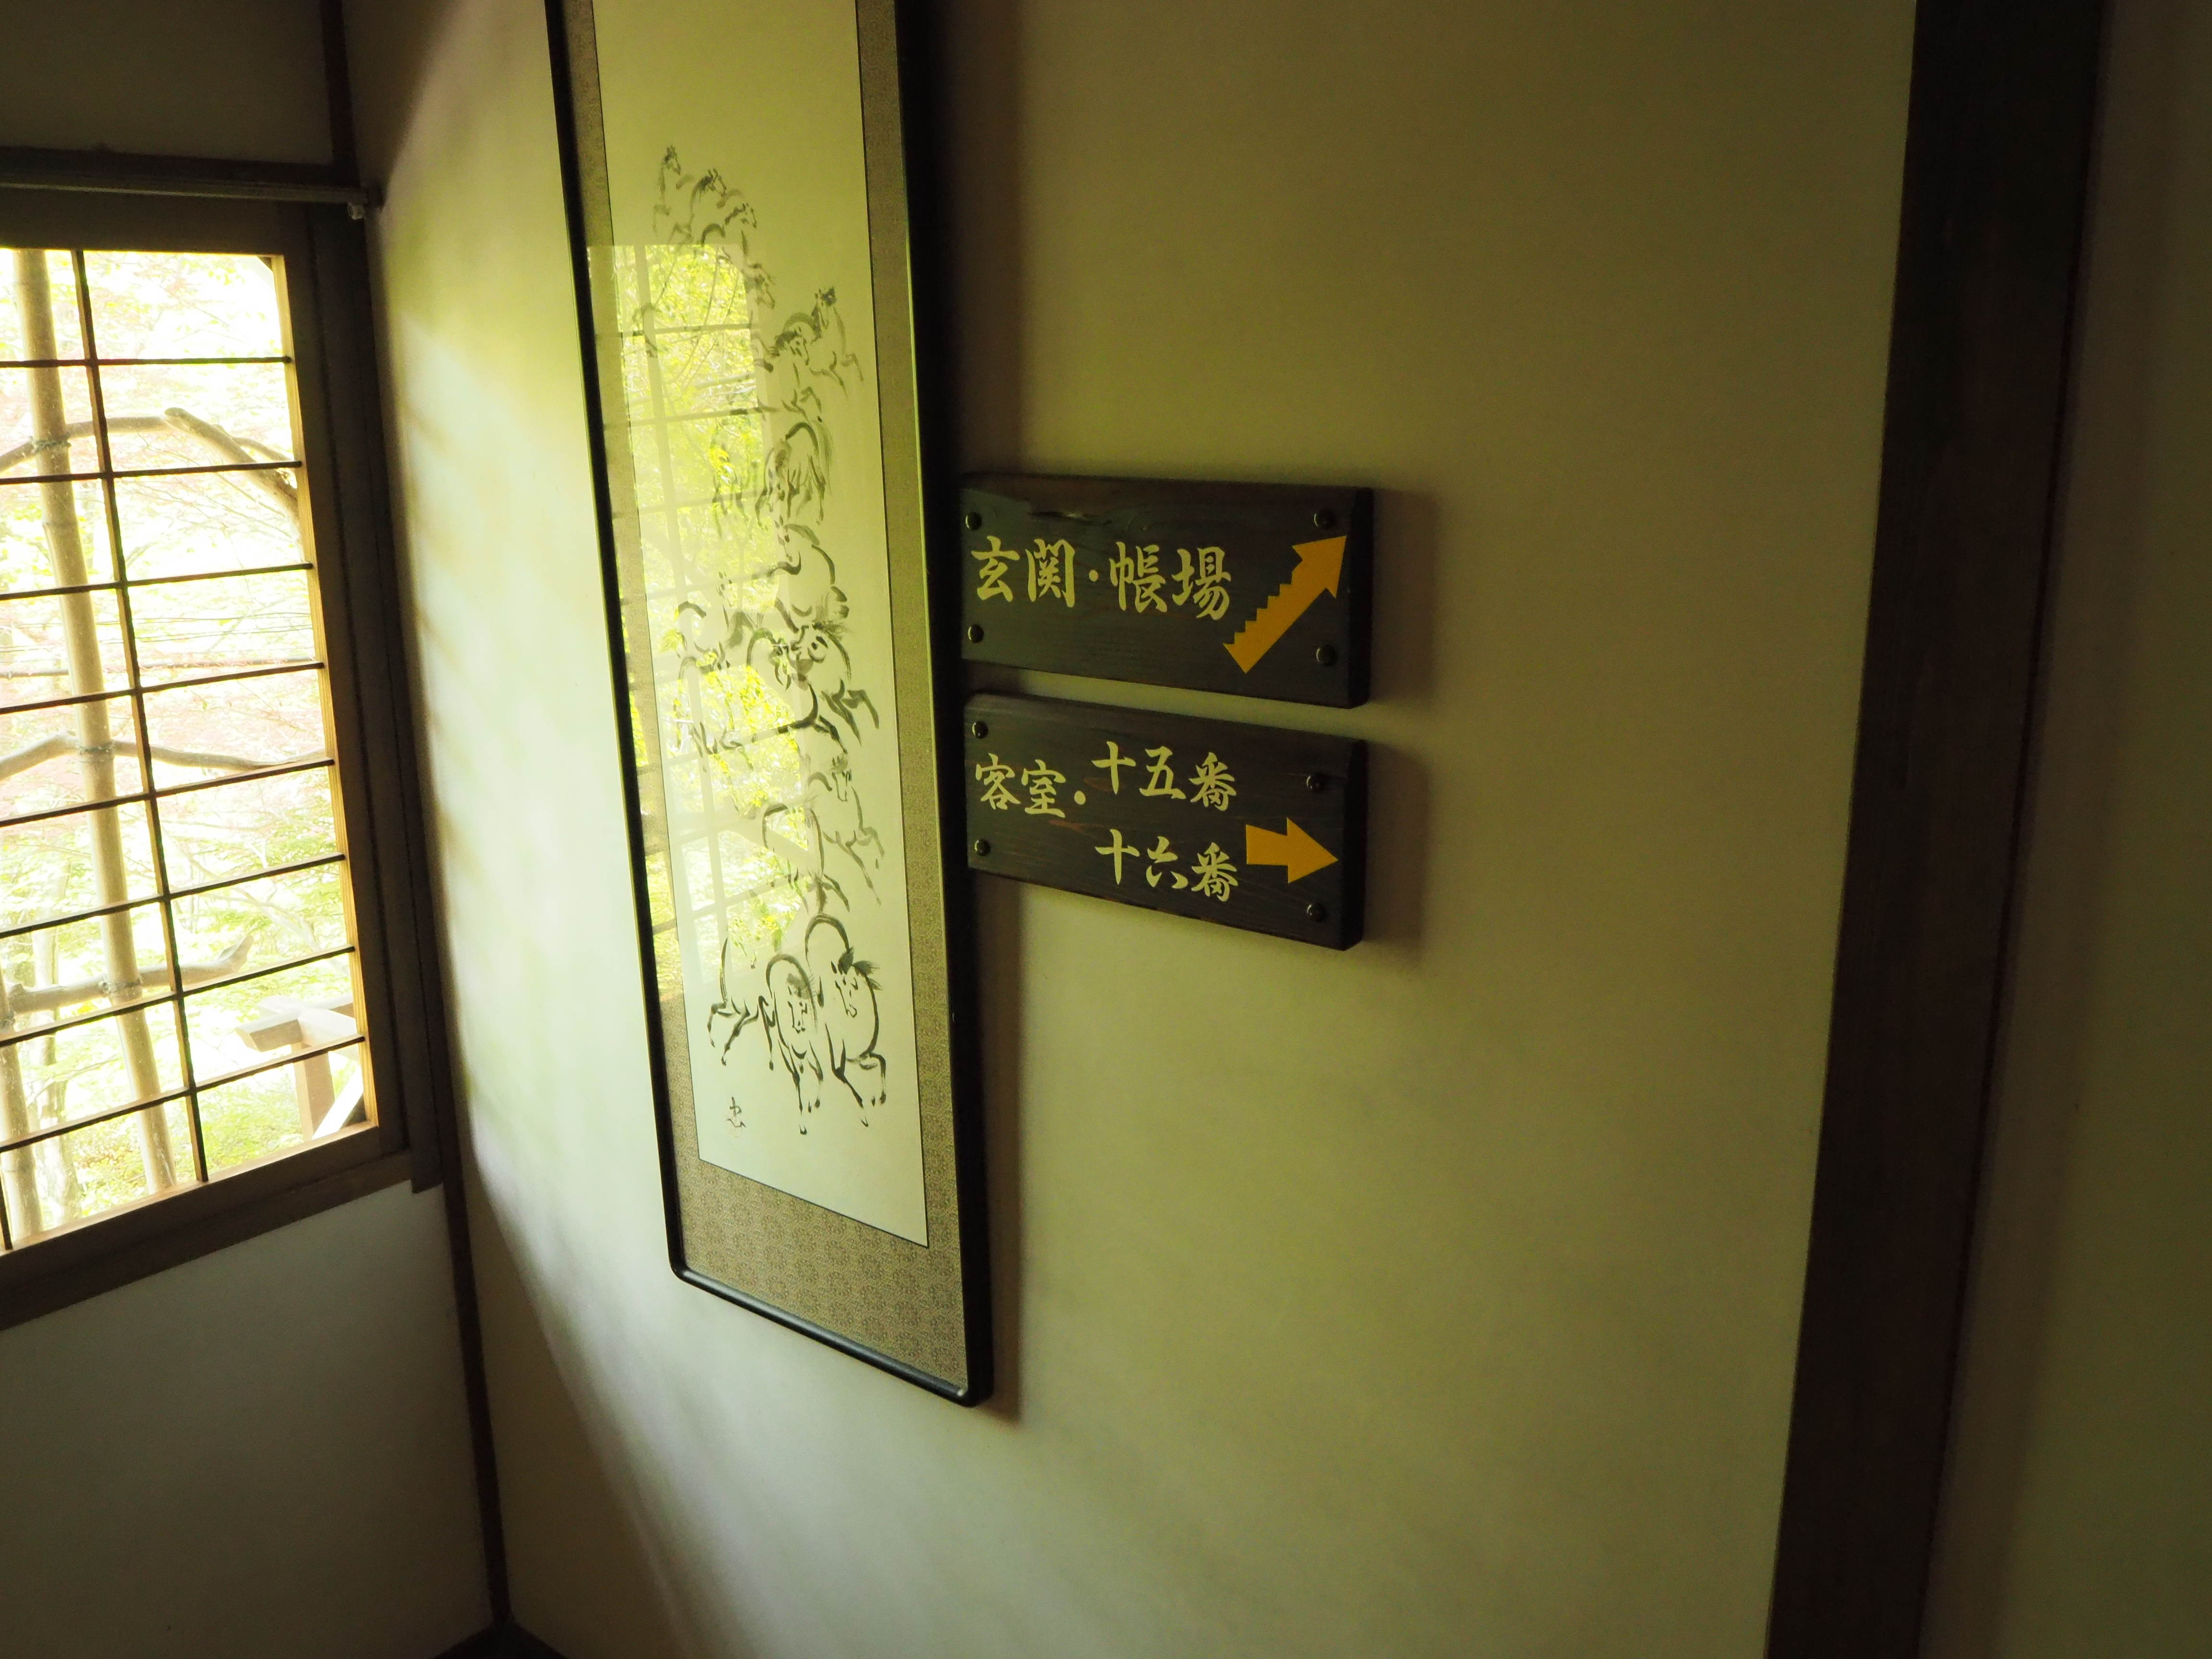 鳩の湯温泉 三鳩樓